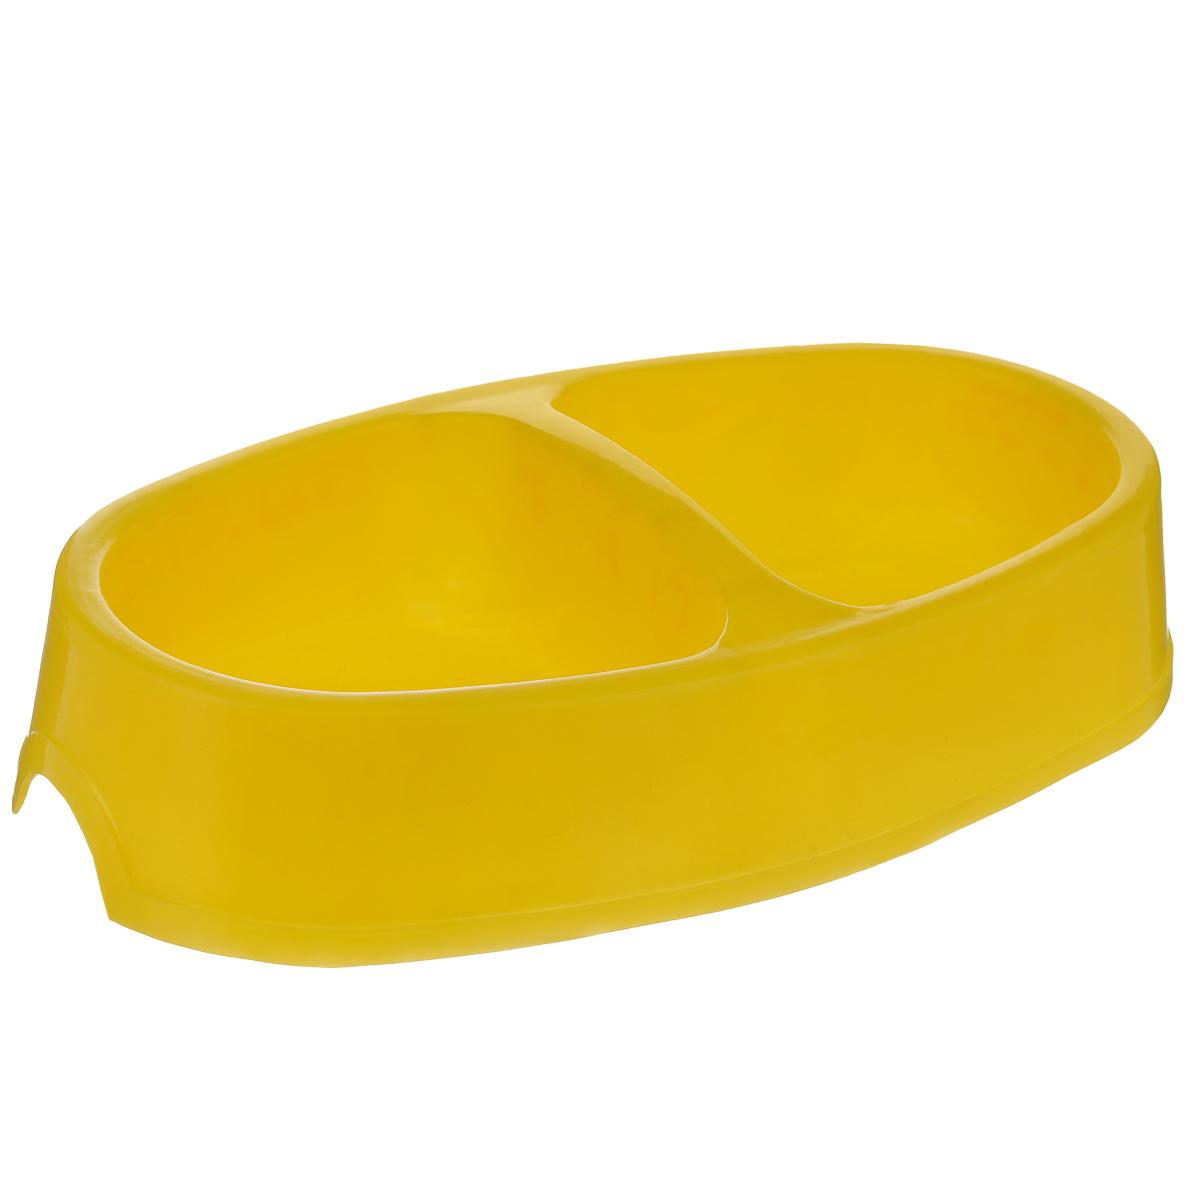 Миска для собак I.P.T.S., двойная, цвет: желтый, 2 х 400 мл0120710Двойная миска I.P.T.S. - это функциональный аксессуар для собак. Изделие выполнено из высококачественного цветного пластика. В миску можно положить два разных блюда - в каждое отделение. Миска легко моется. Ваш любимец будет доволен!Объем одной емкости: 400 мл. Размер емкости: 12 см х 13 см. Высота миски: 5,5 см.